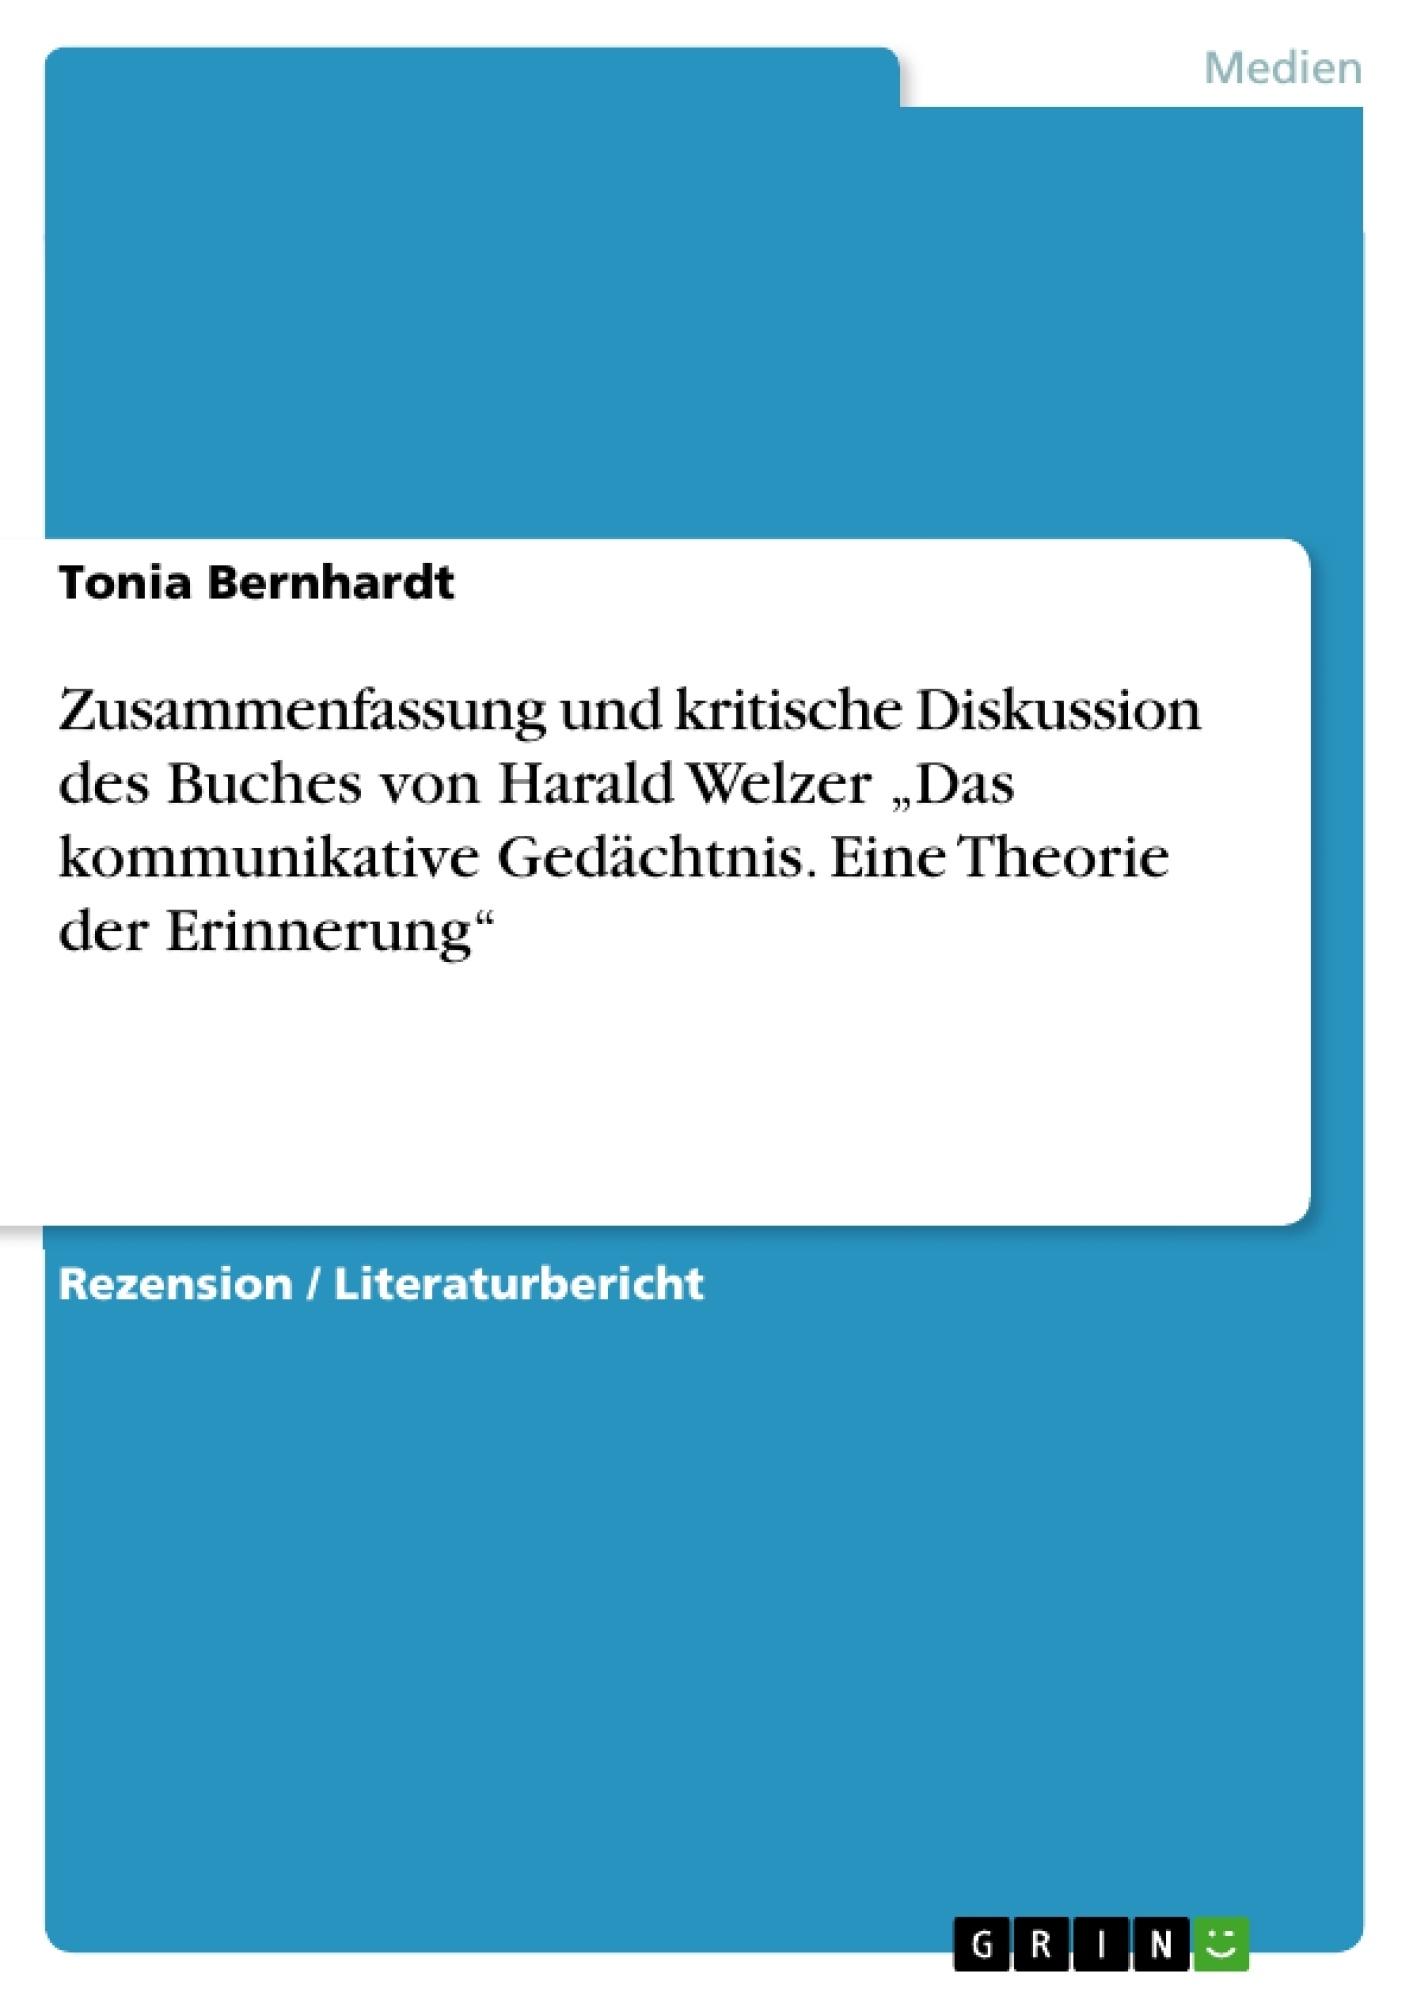 """Titel: Zusammenfassung und kritische Diskussion des Buches von Harald Welzer """"Das kommunikative Gedächtnis. Eine Theorie der Erinnerung"""""""